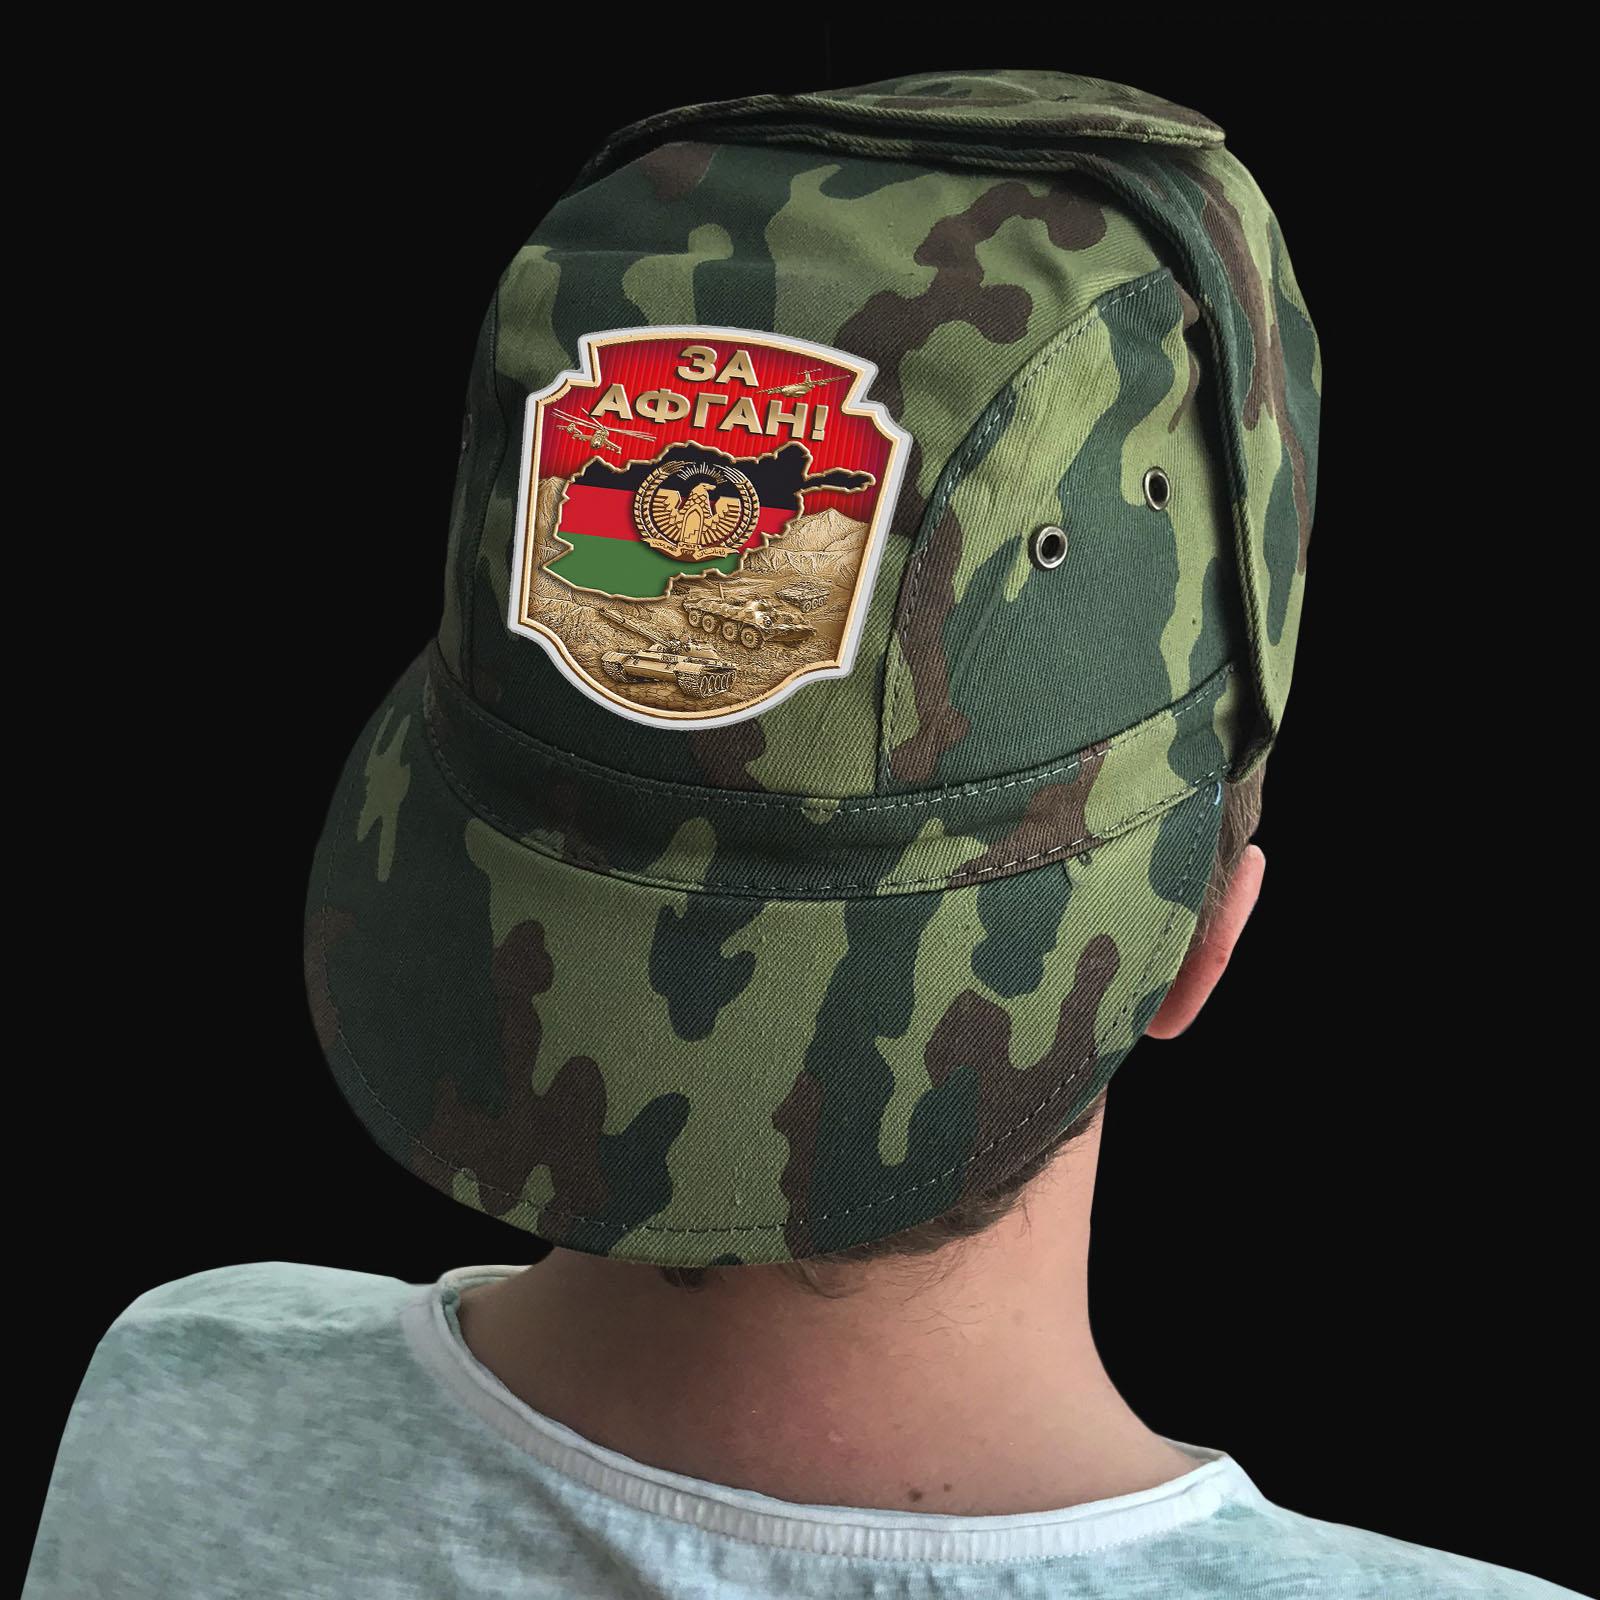 Купить надежную кепку-камуфляж с термотрансфером За Афган оптом или в розницу